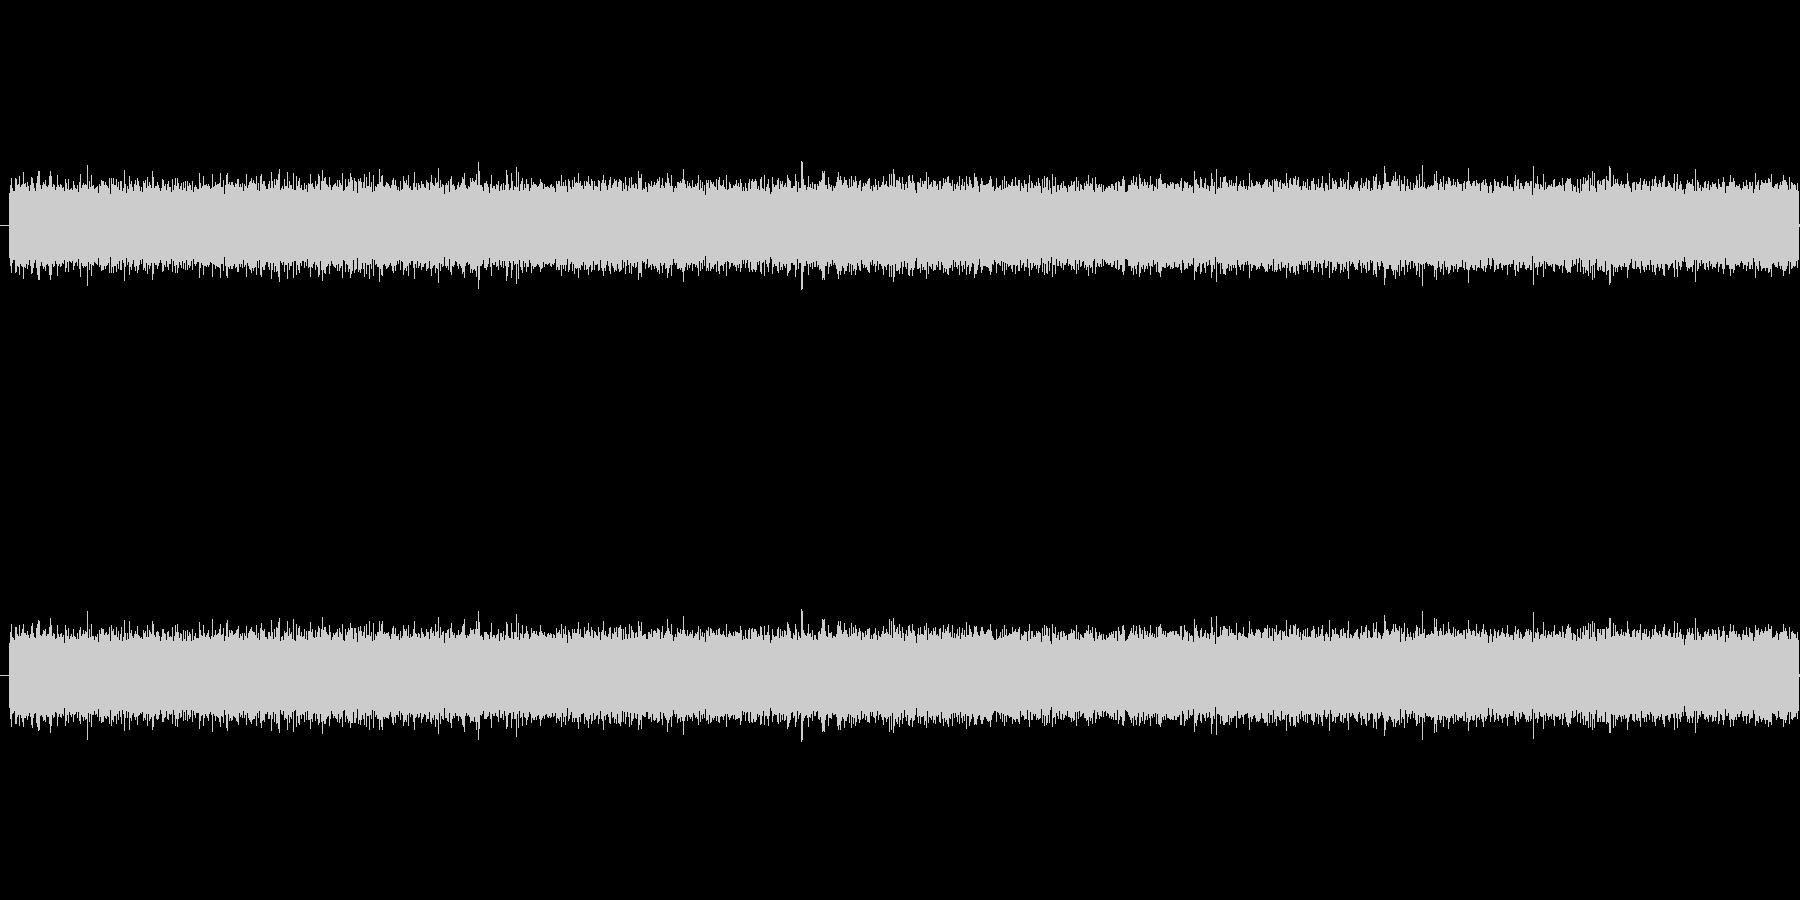 ザー、というノイズ音です。ラジオからサ…の未再生の波形